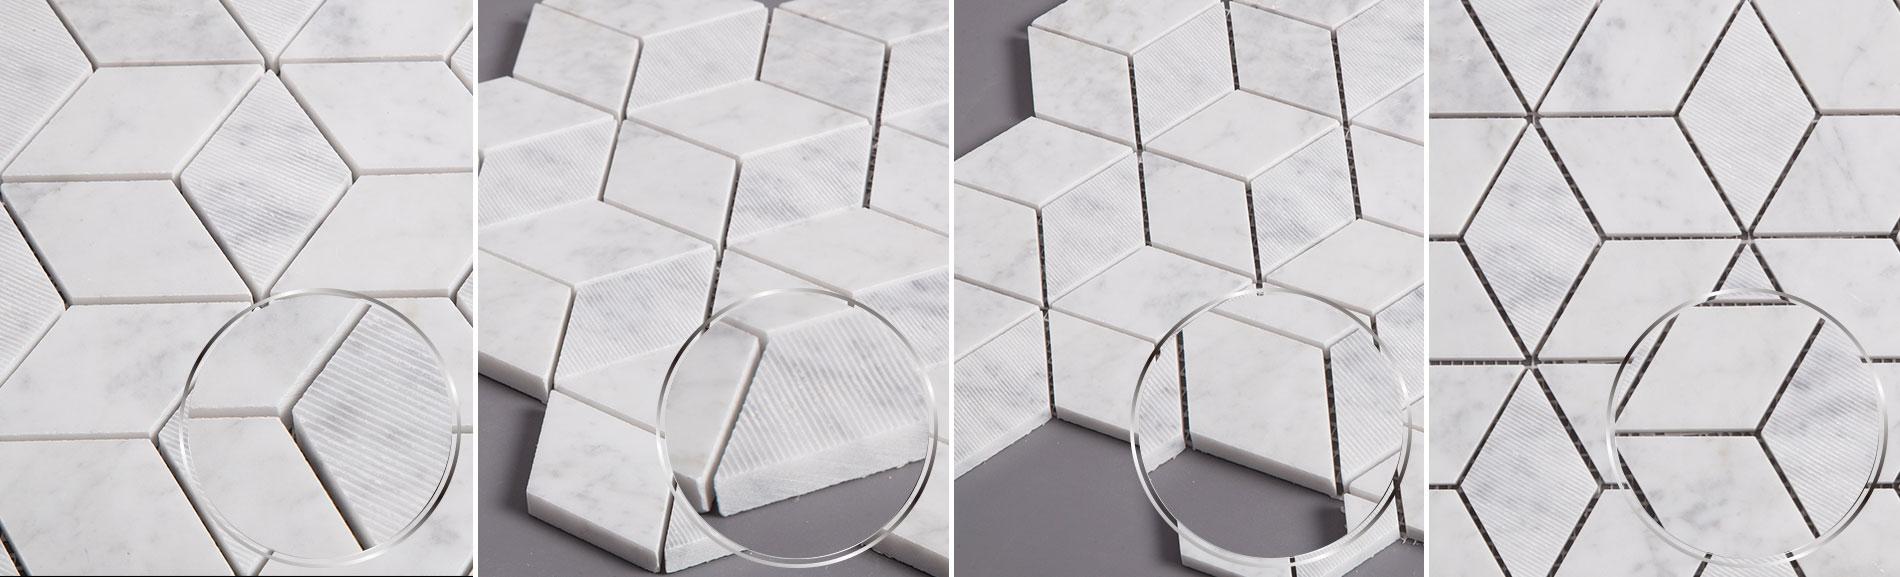 CTR-MM-D16001-Carrara-Diamond-1